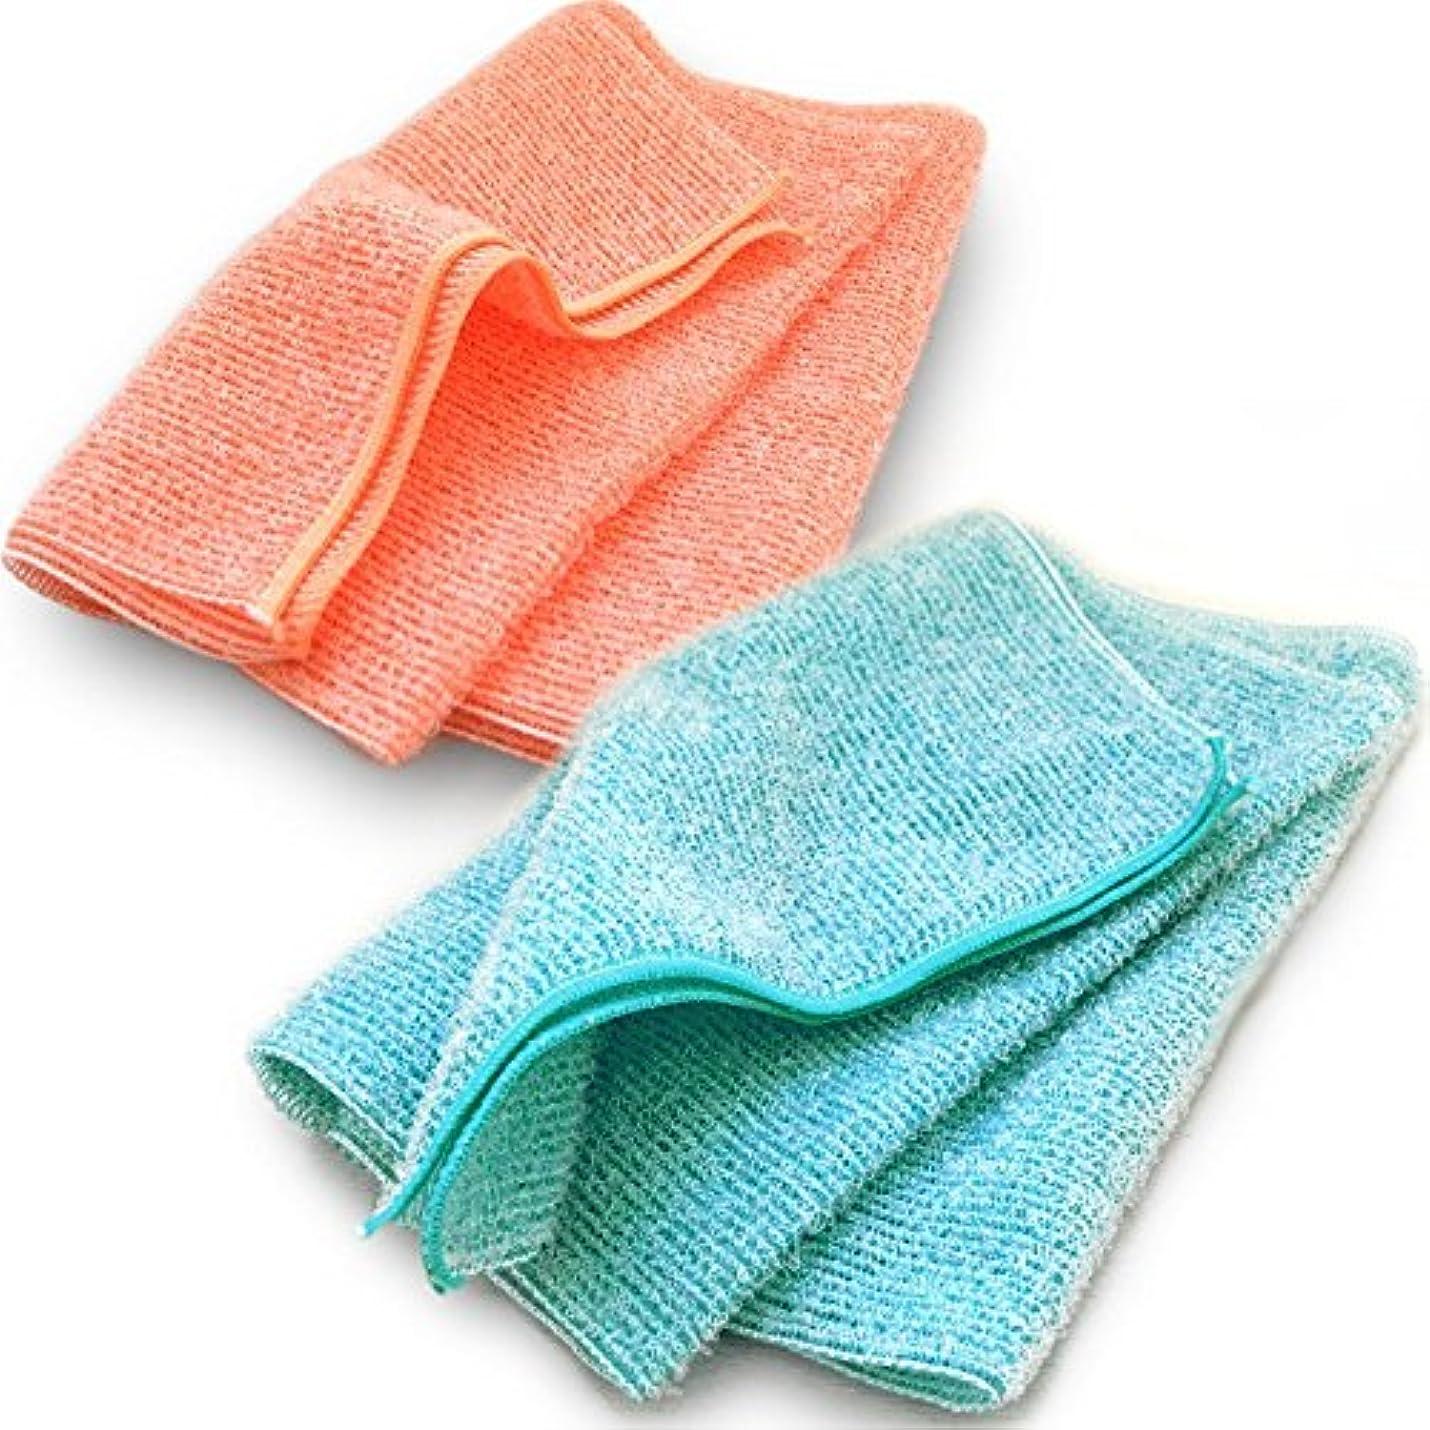 底コットン特殊ブルーム なめらかホイップ ボディタオル とうもろこし繊維100% 弱酸性 2枚セット (サーモンピンク×ブルー)